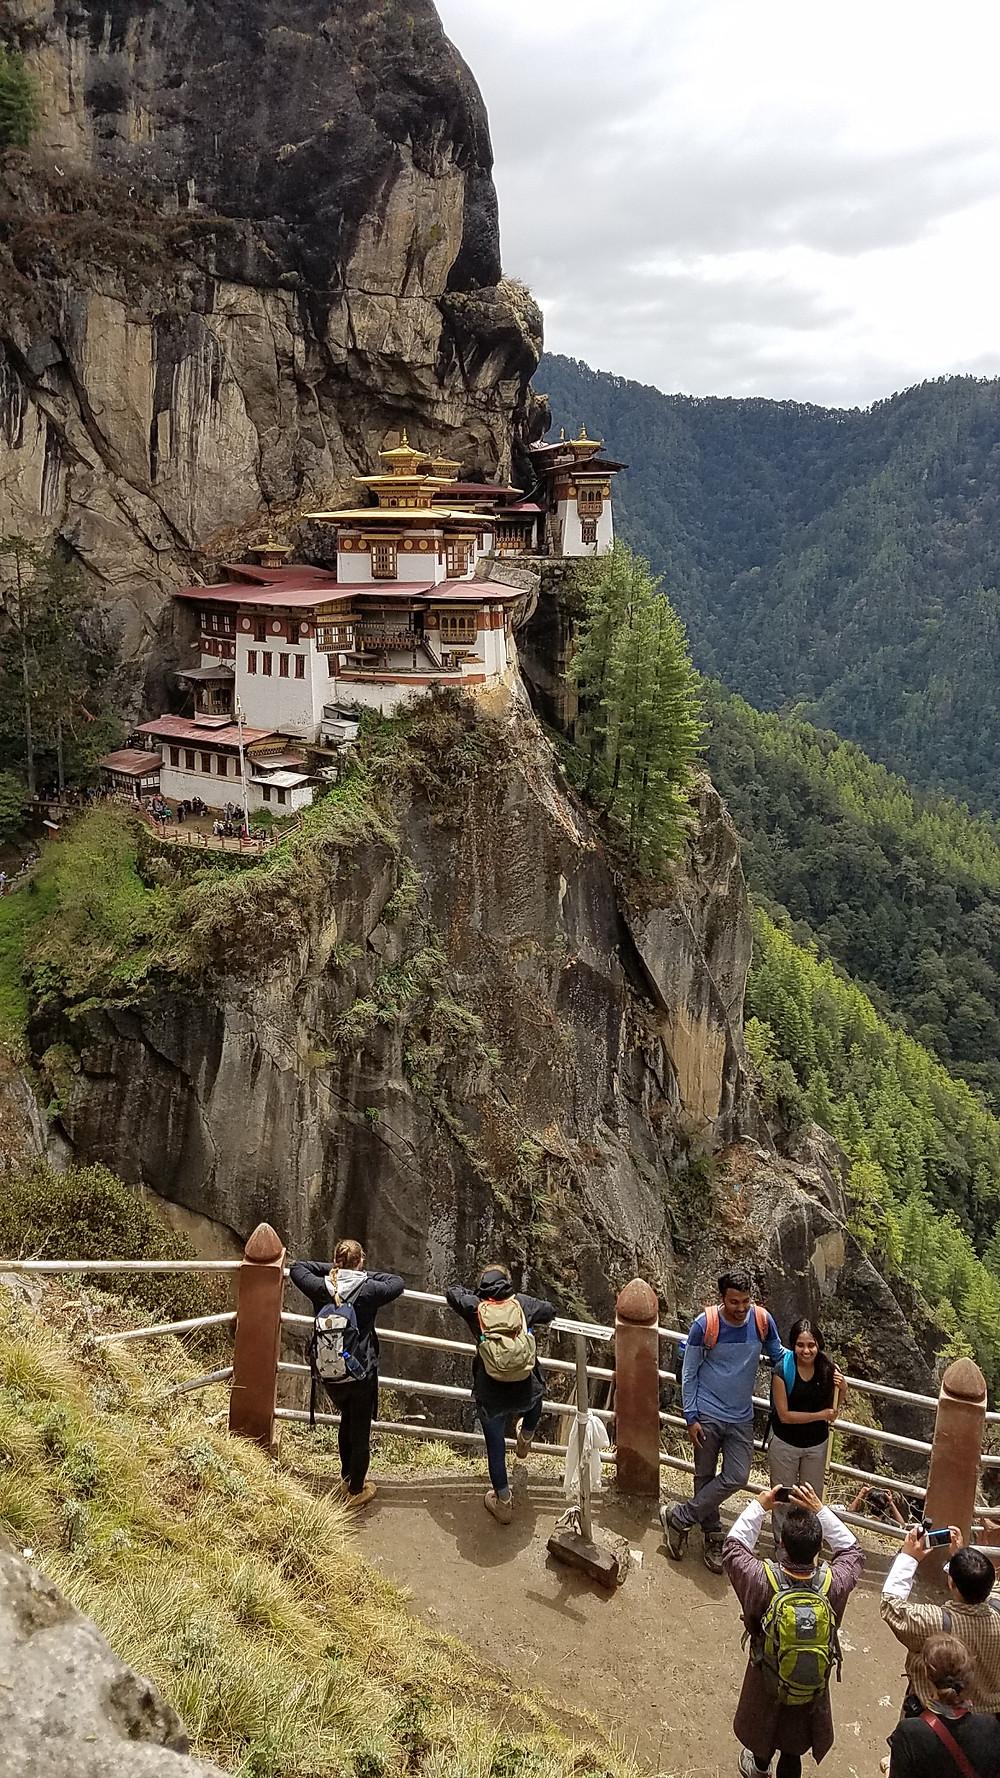 VIEW OF TIGER'S NEST MONESTRY BHUTAN